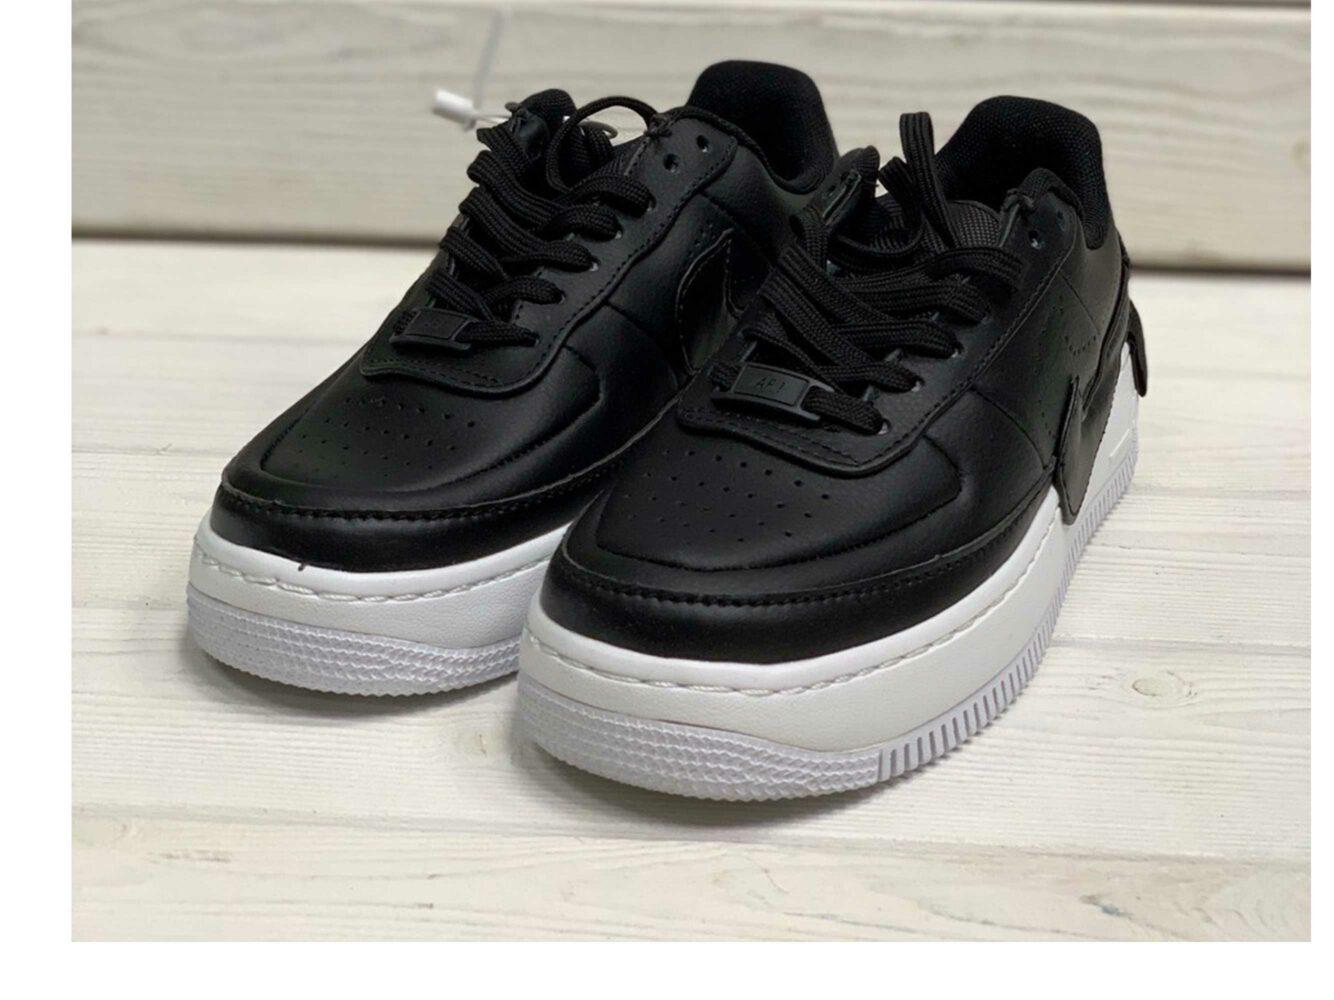 nike air force 1 low black white купить